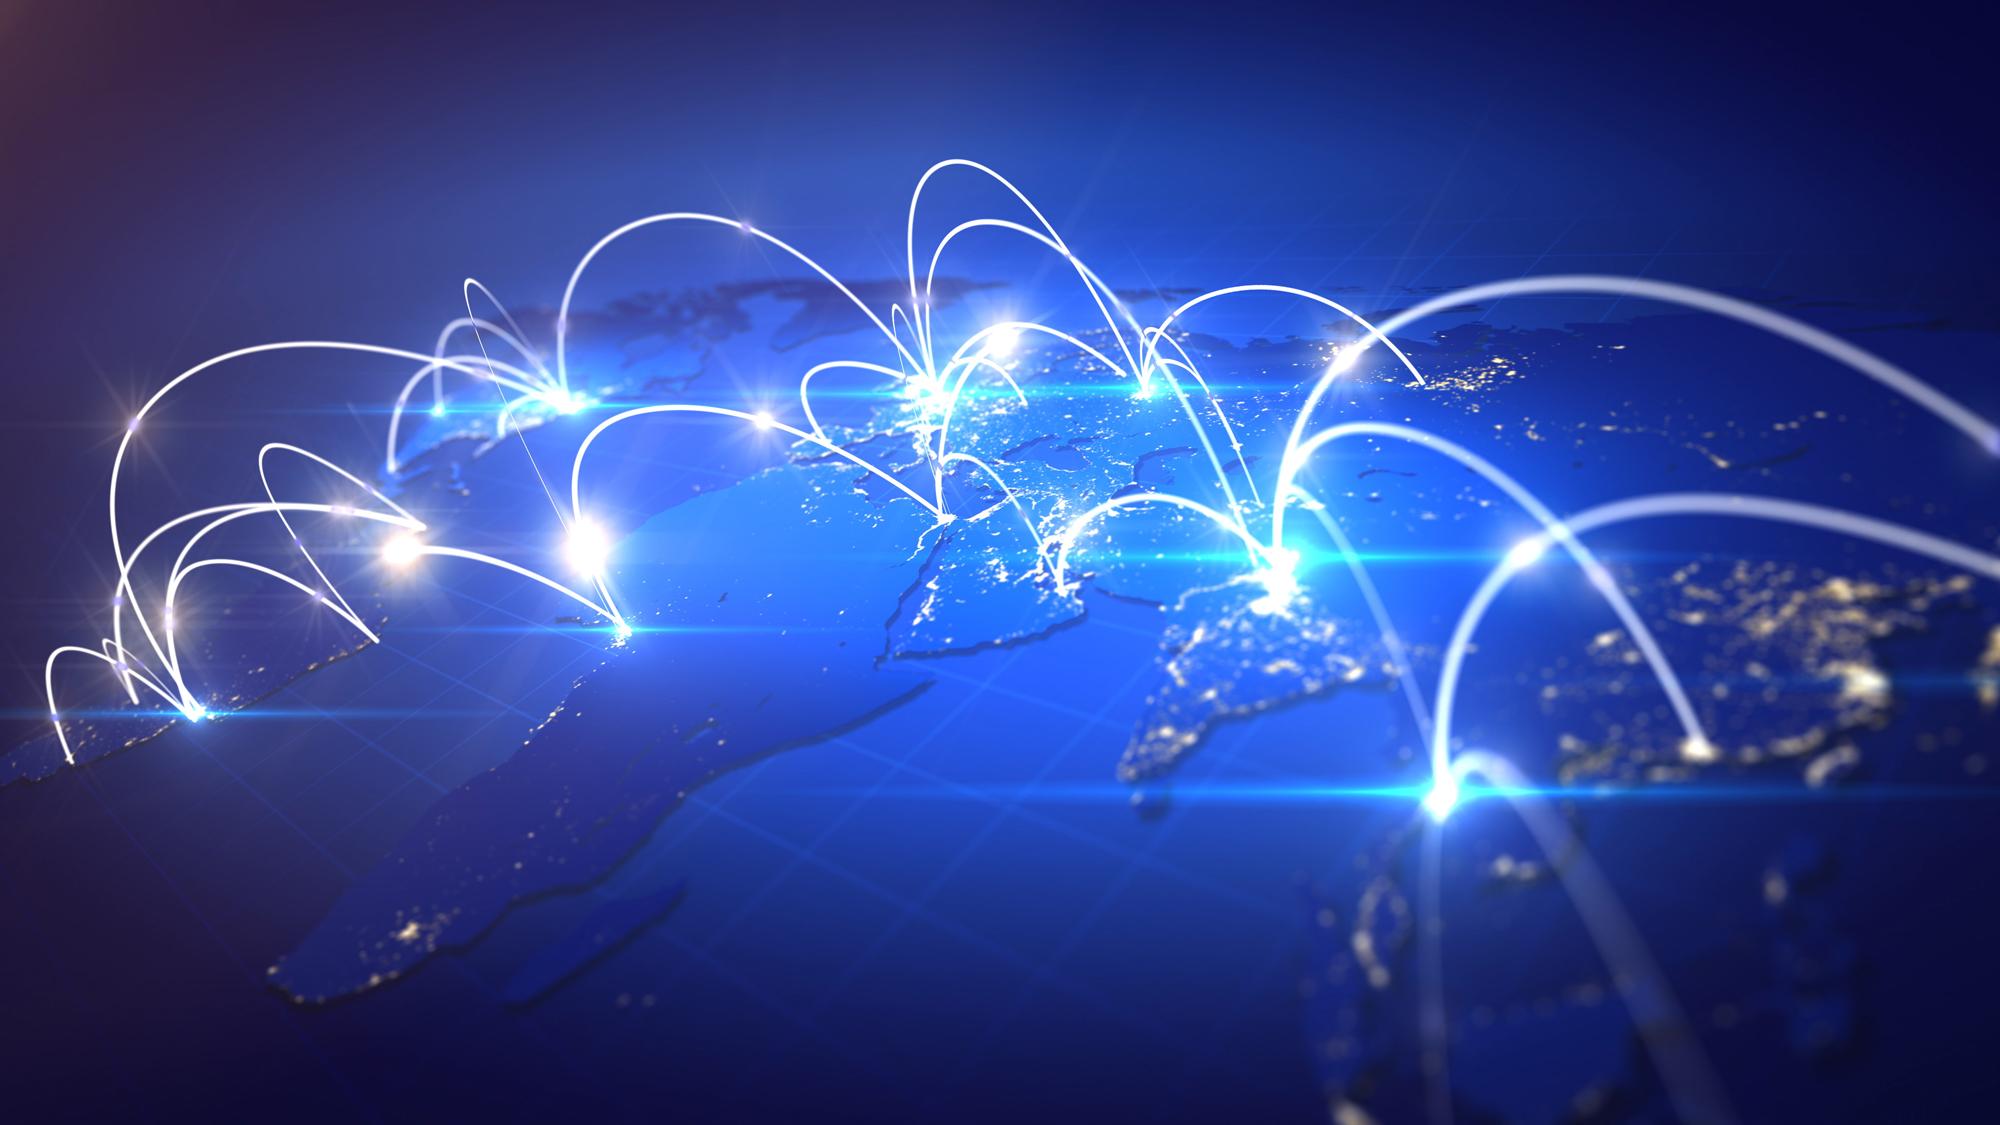 Es indispensable apostar a un ágil y buen acceso al internet en todos los países del mundo, por más remoto que se considere.